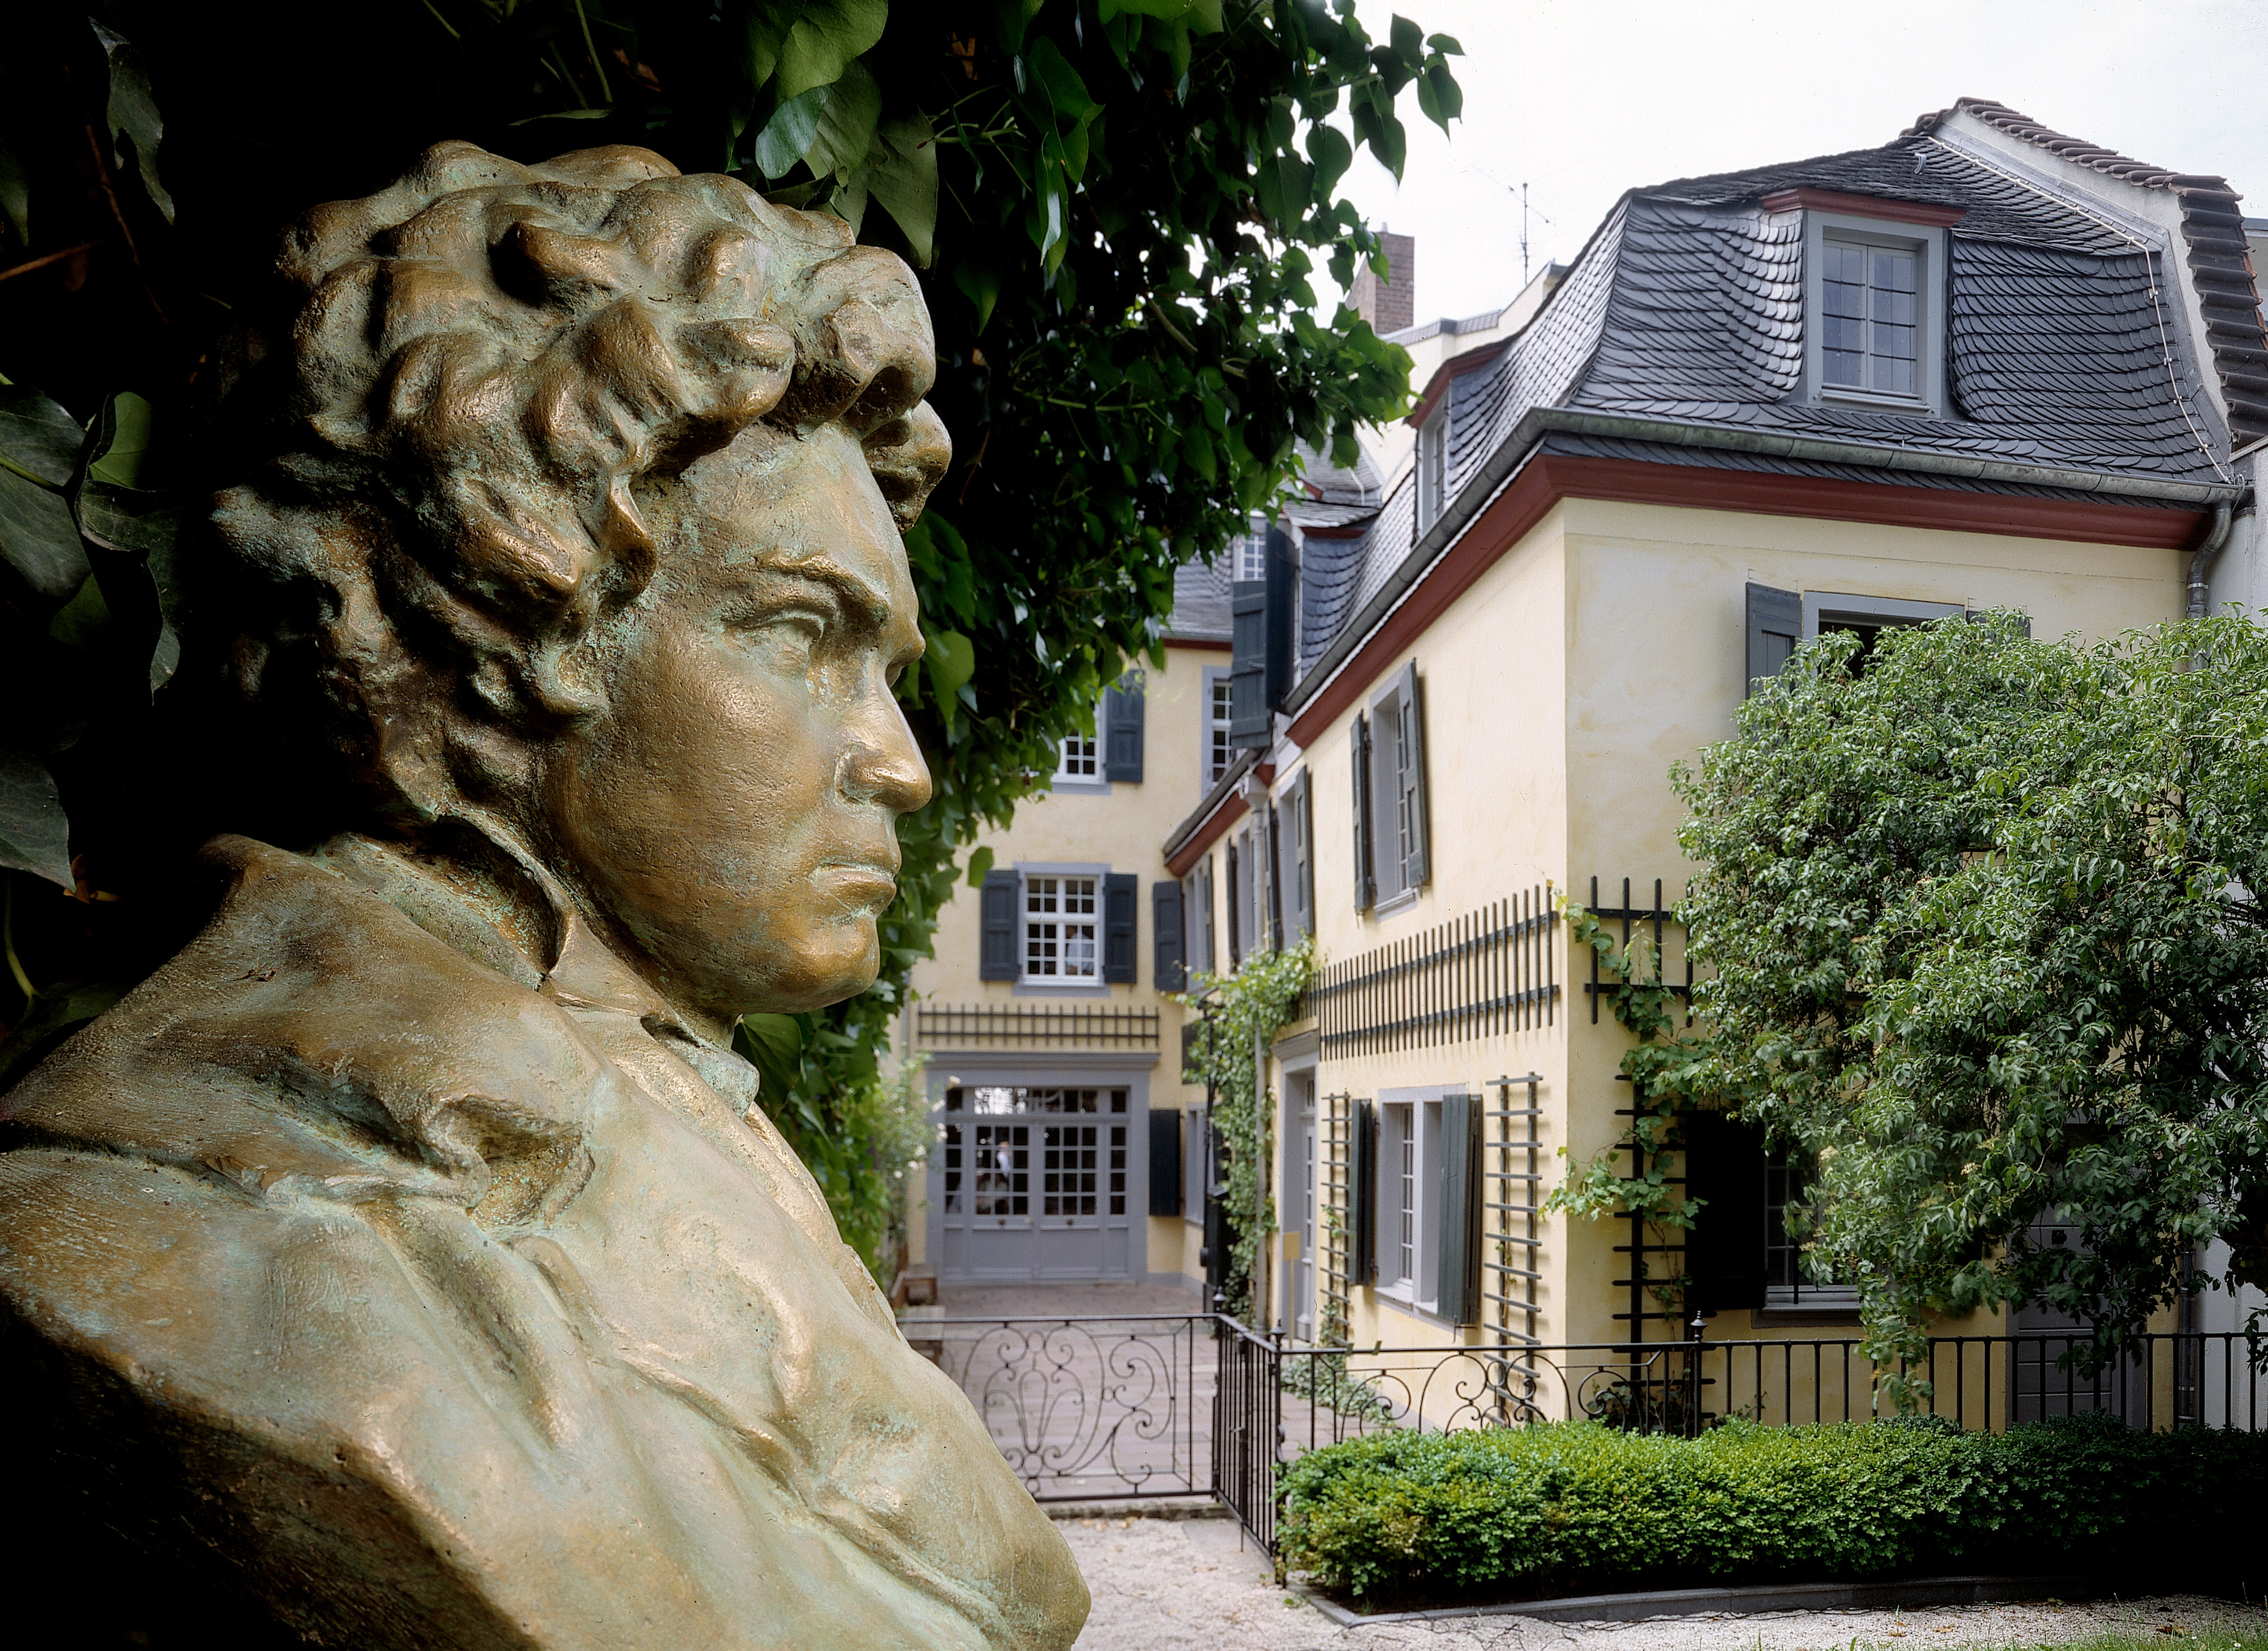 Beethoven-Büste im Garten des Bonner Beethoven-Hauses